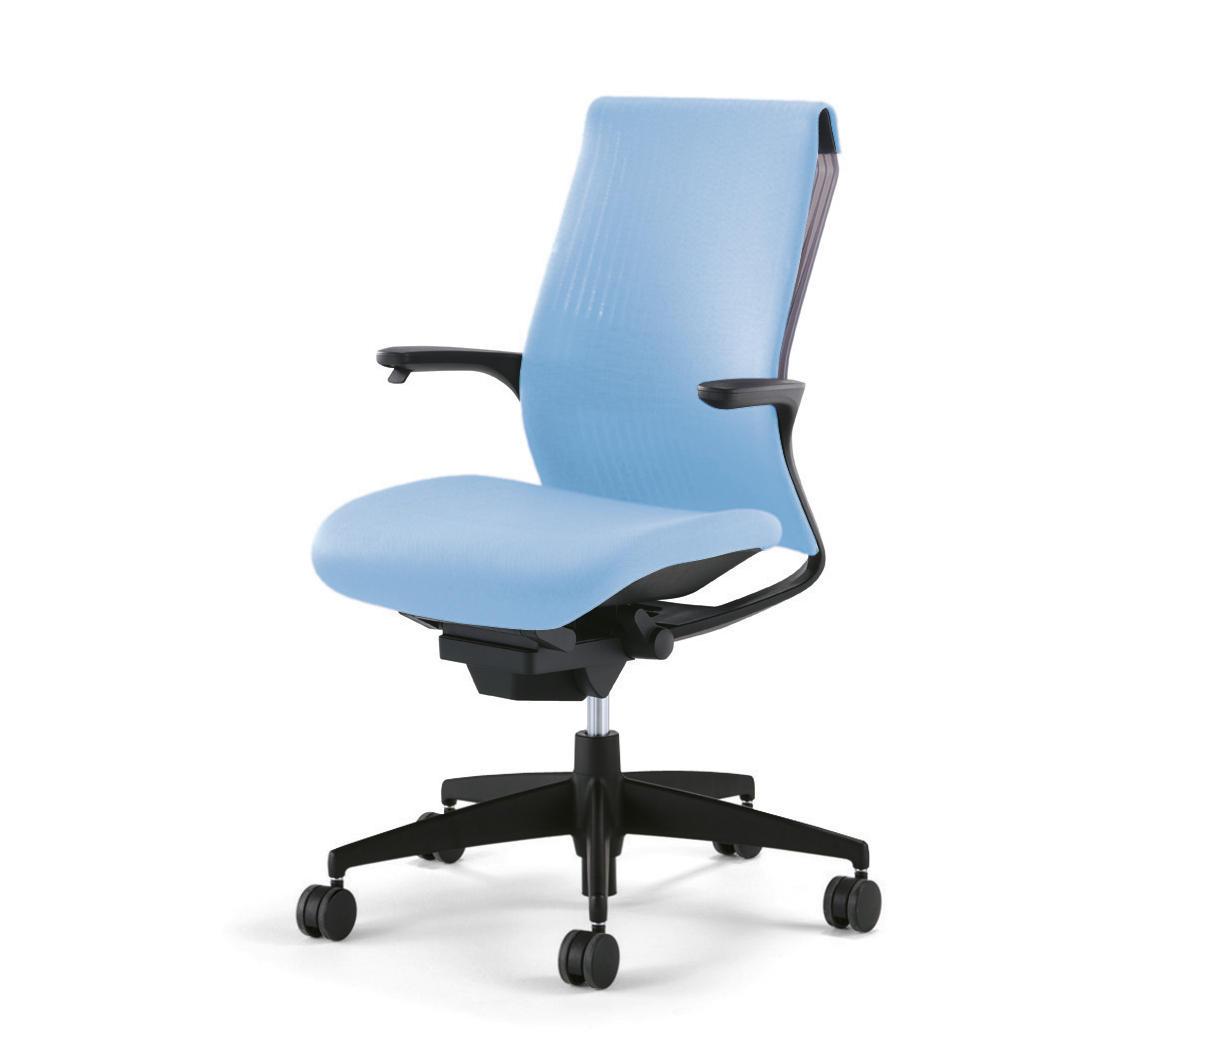 M4 By Kokuyo Office Chairs